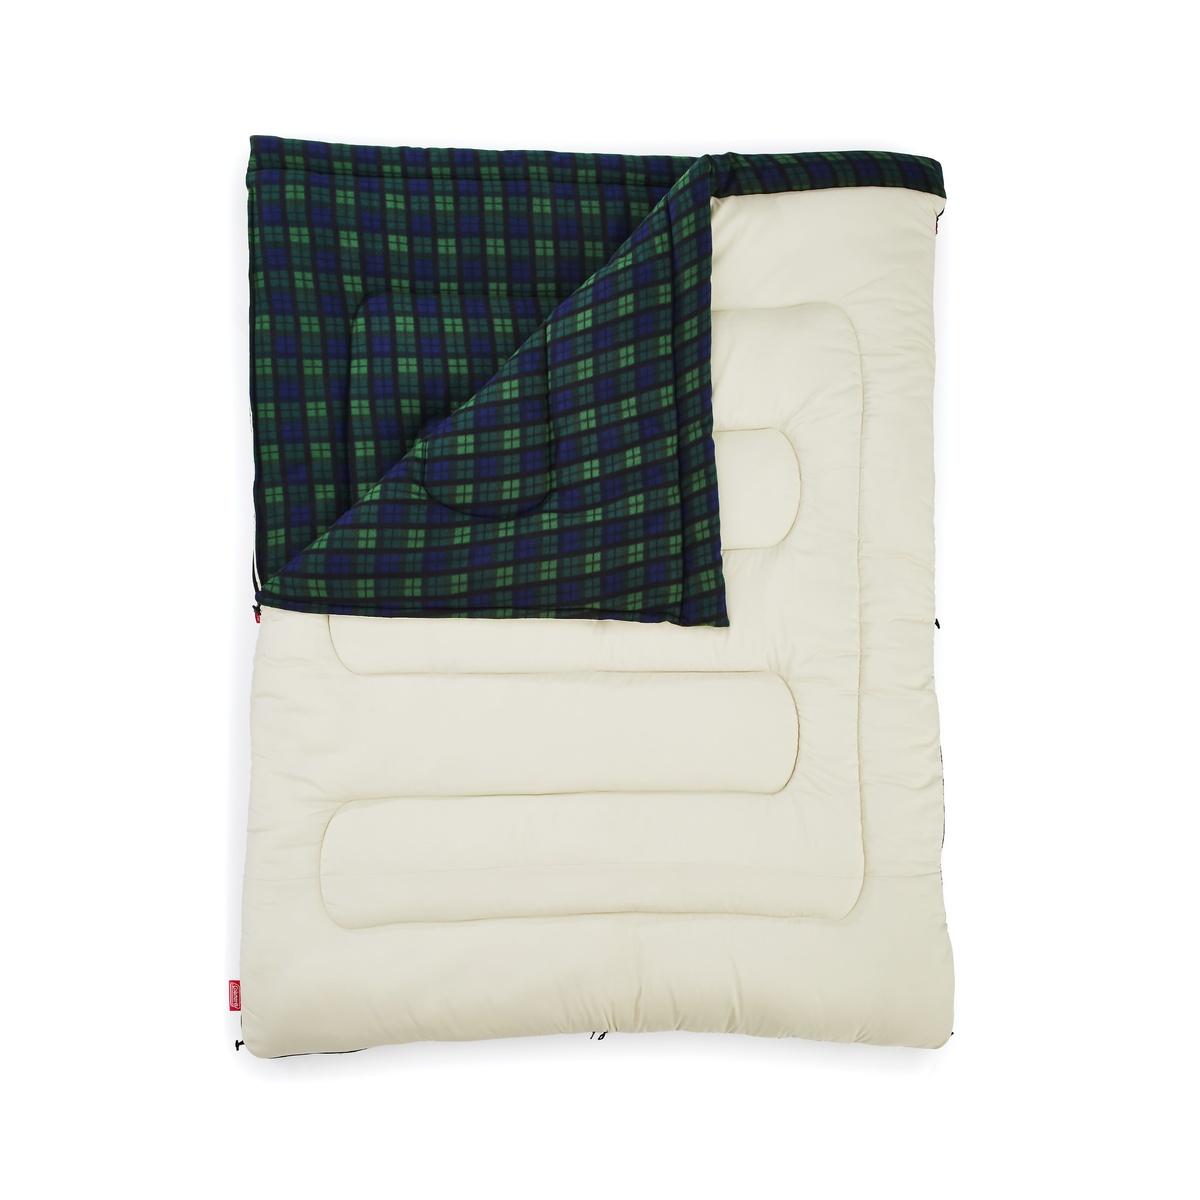 【送料無料】 COLEMAN (コールマン) キャンプ用品 スリーピングバッグ 寝袋 封筒型 フリースアドベンチャー/C0(グリーンチェック) 2000033804